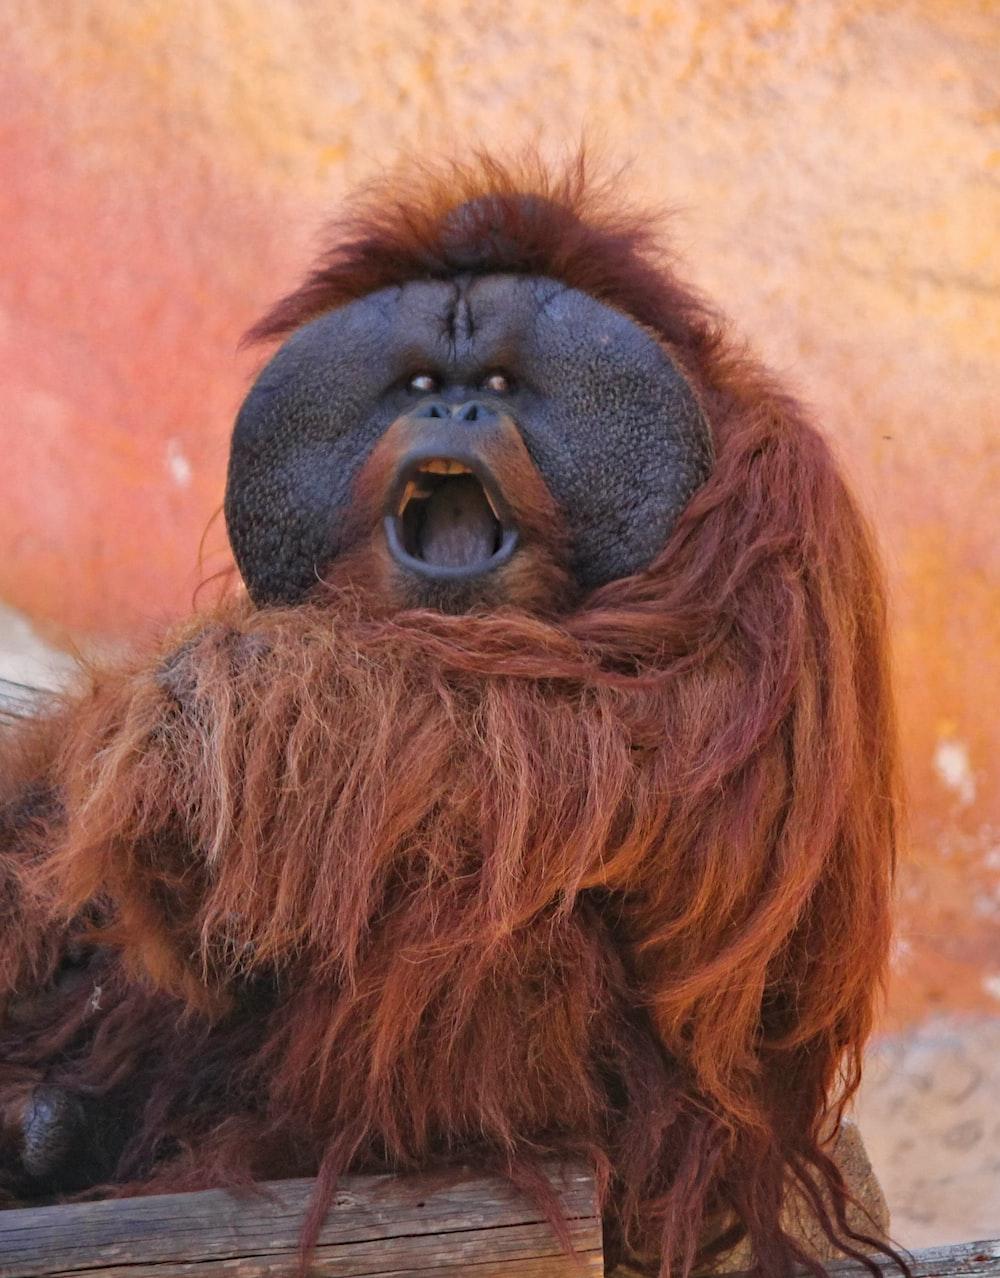 orangutan sitting on wood